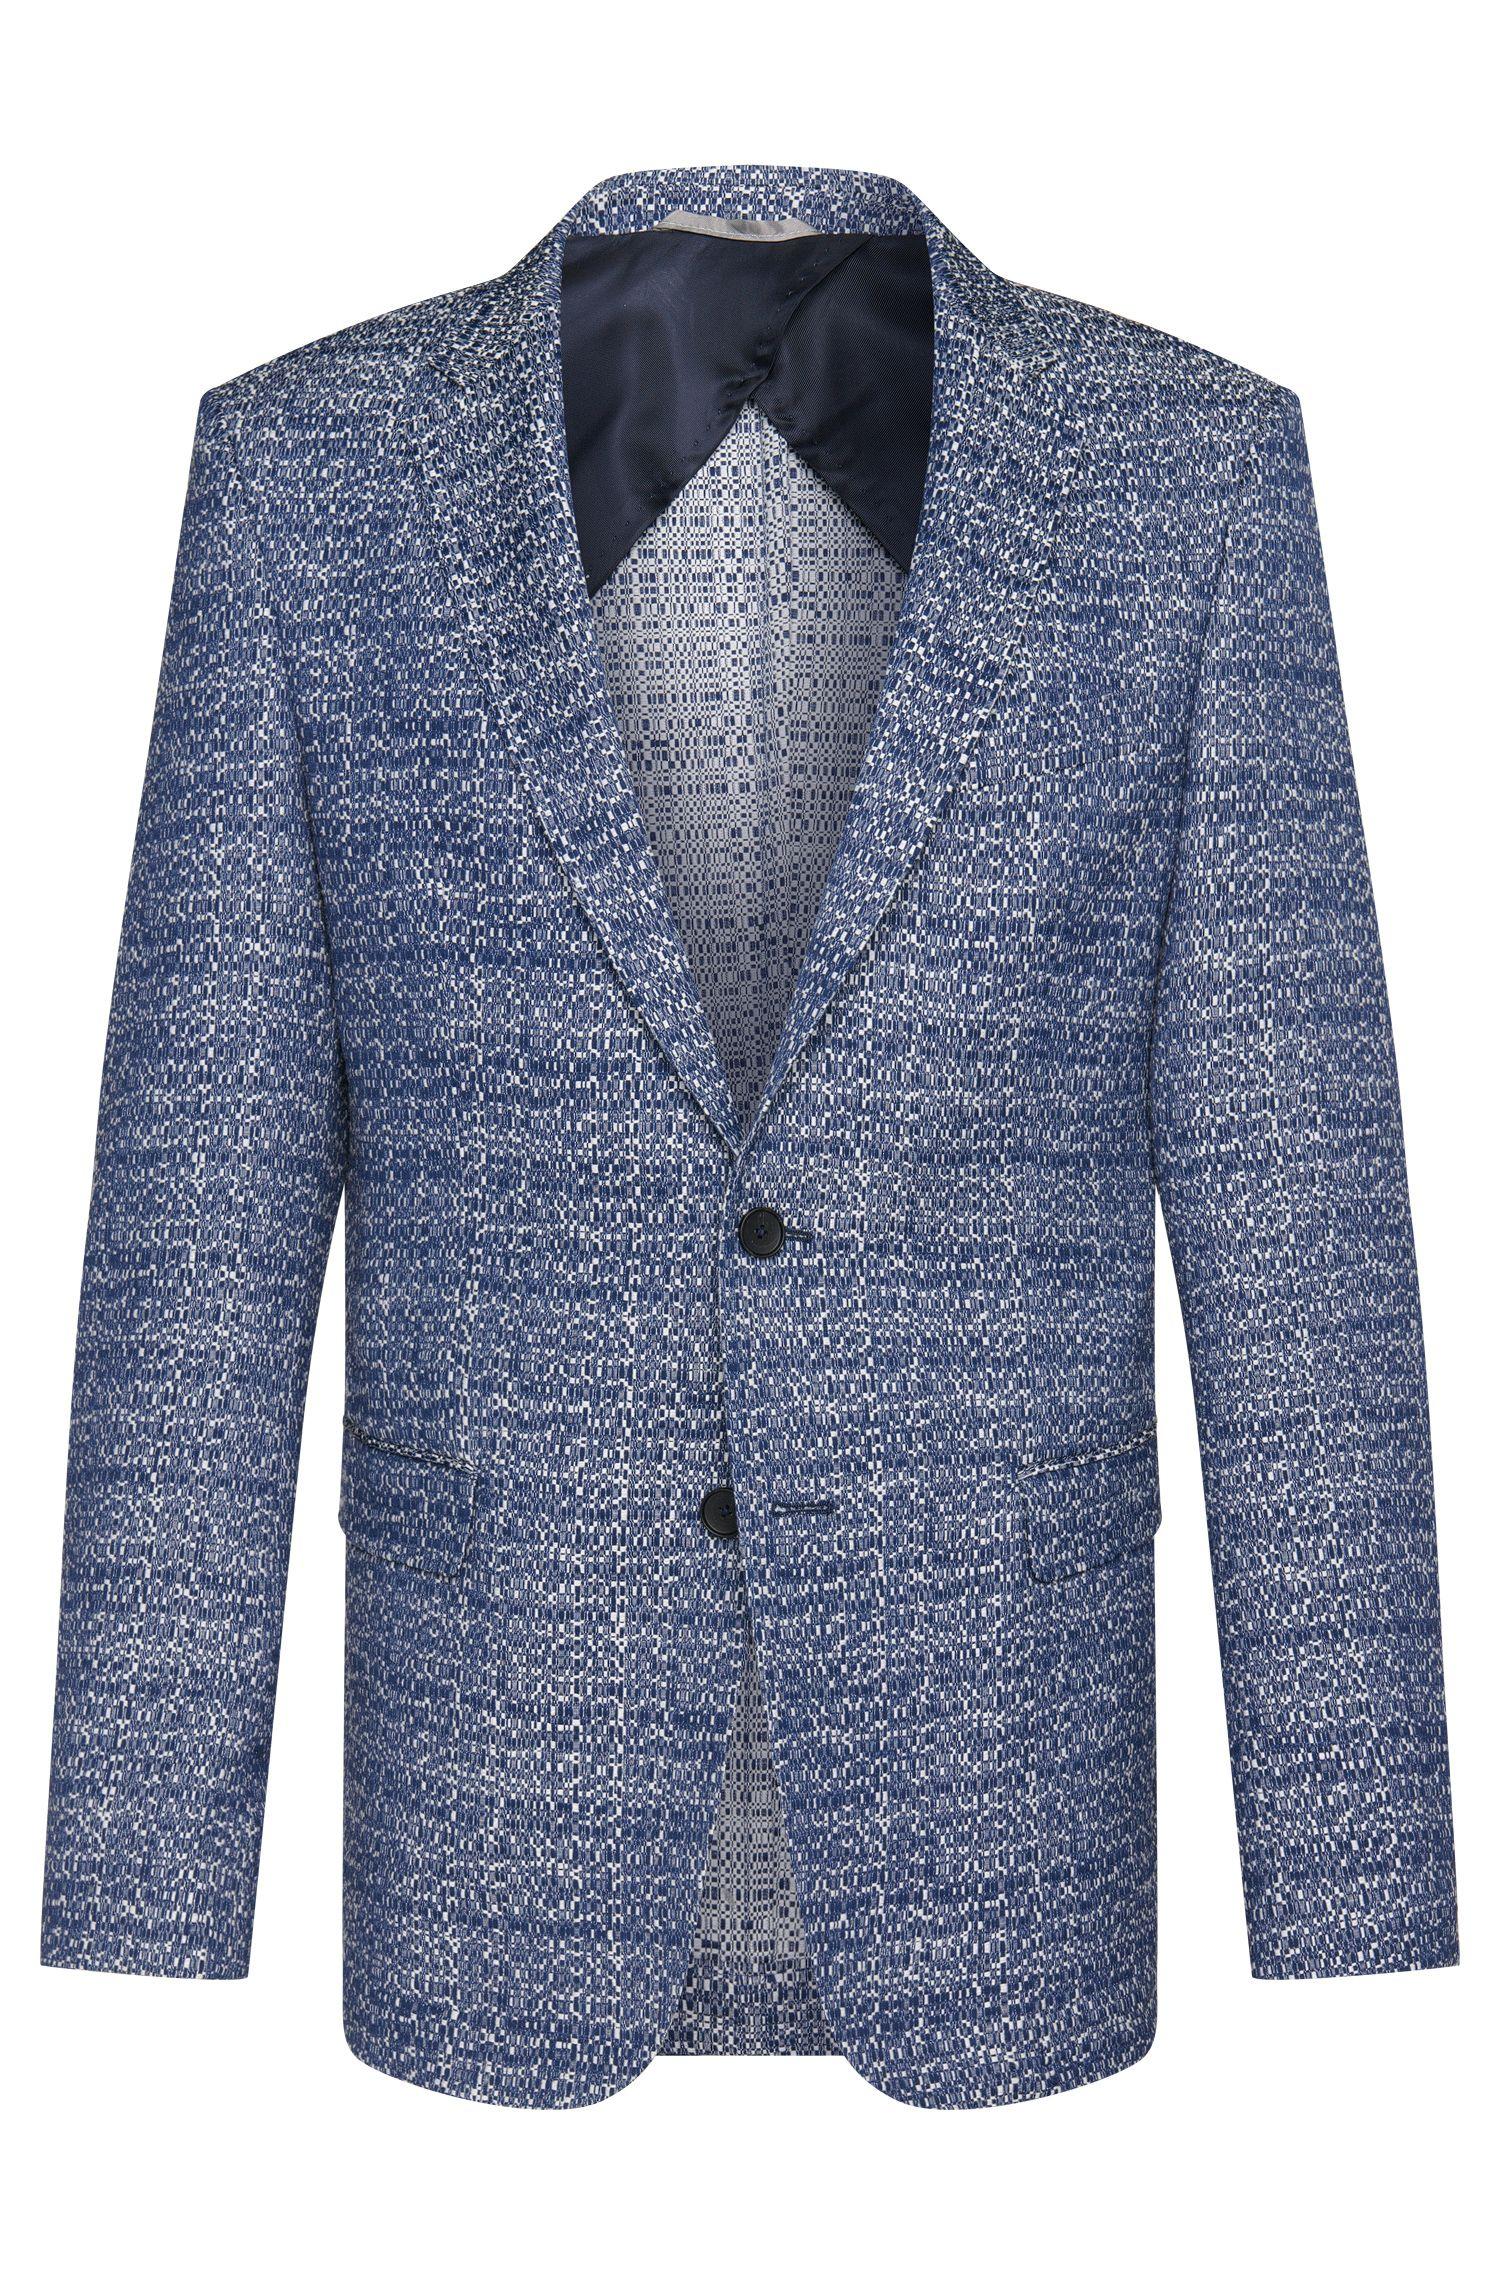 'Nobis' | Slim Fit, Cotton Blend Jacquard Sport Coat